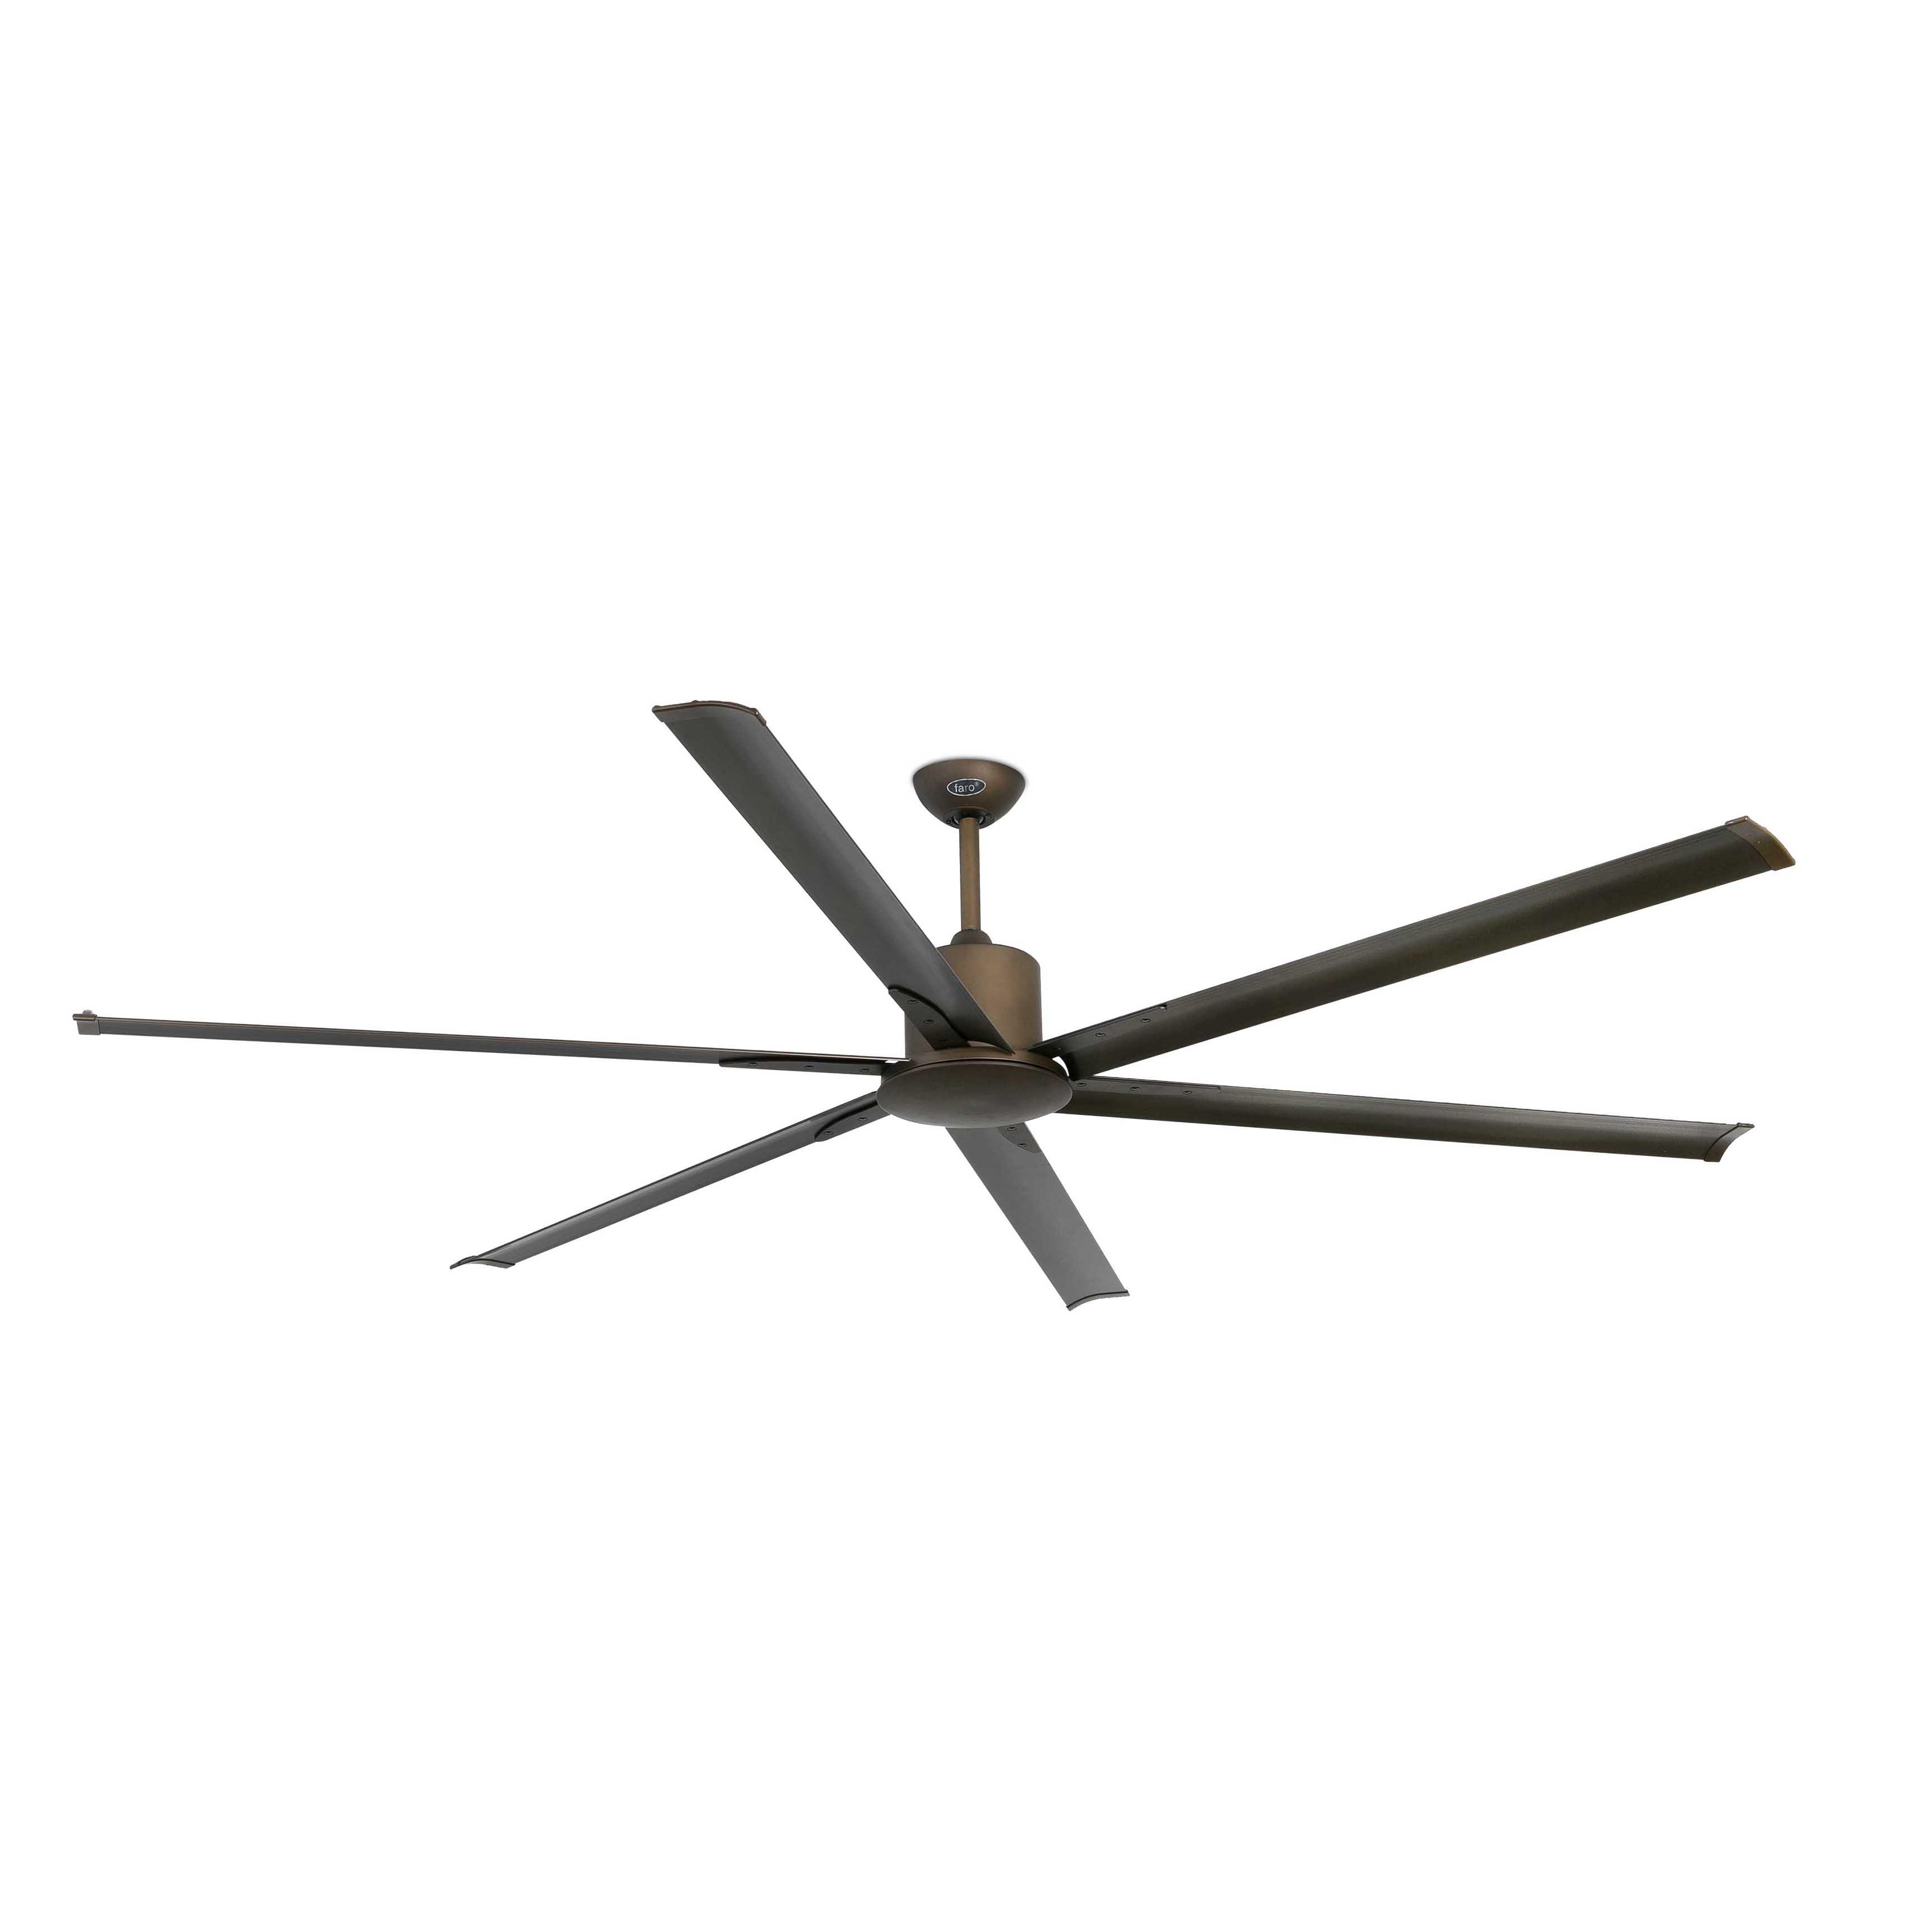 Ventilador de techo extra grande andros motor dc 33462 - Ventiladores de techo con luz baratos ...